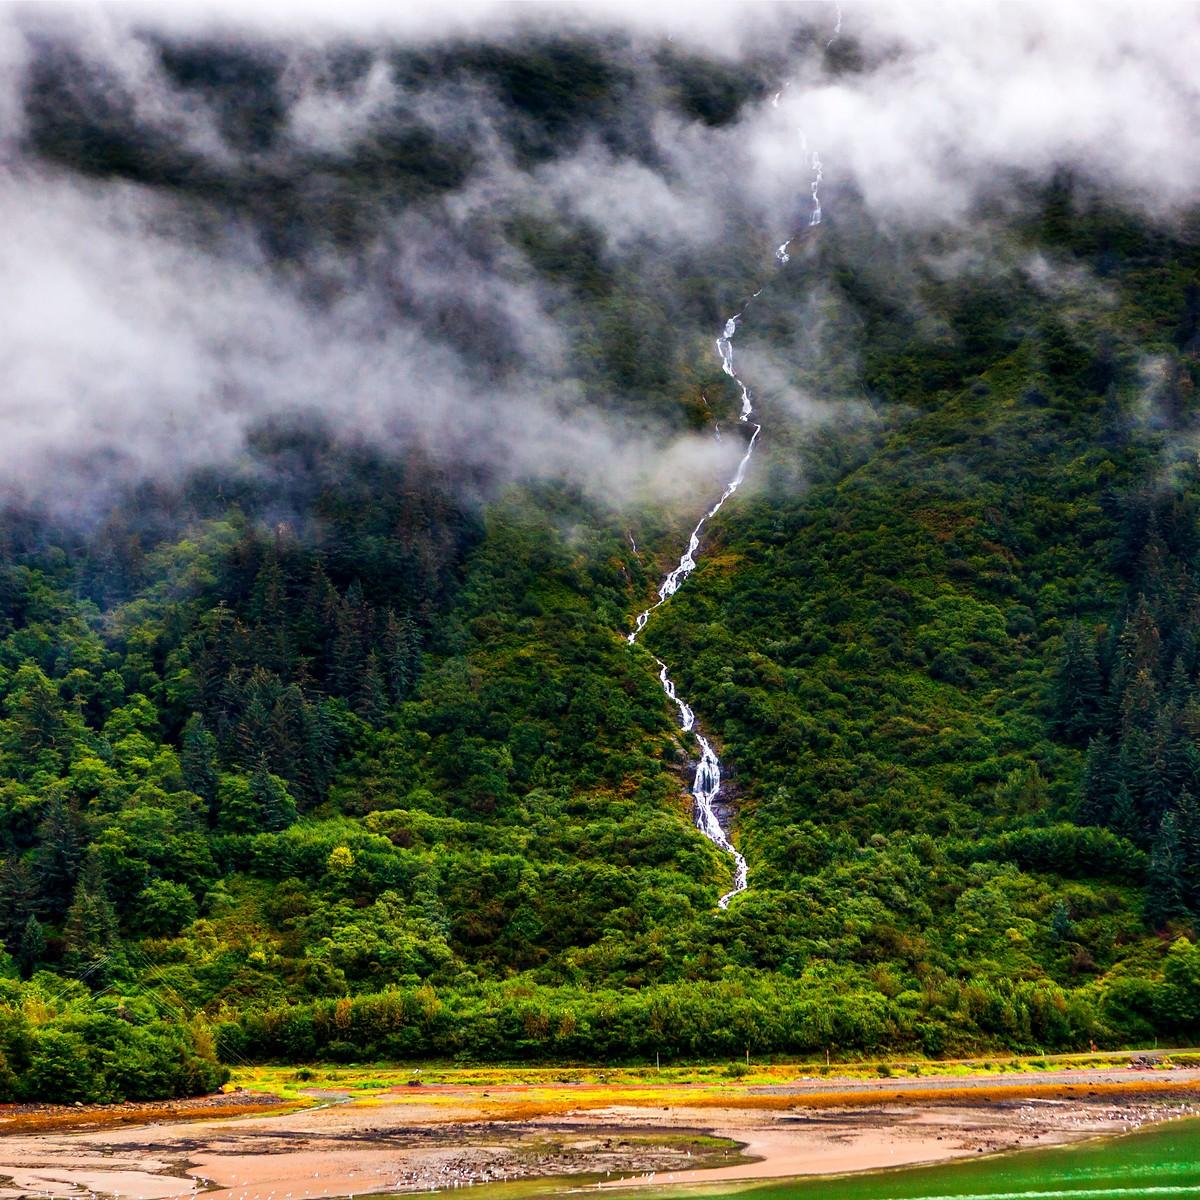 阿拉斯加,大山間的紐帶_圖1-5